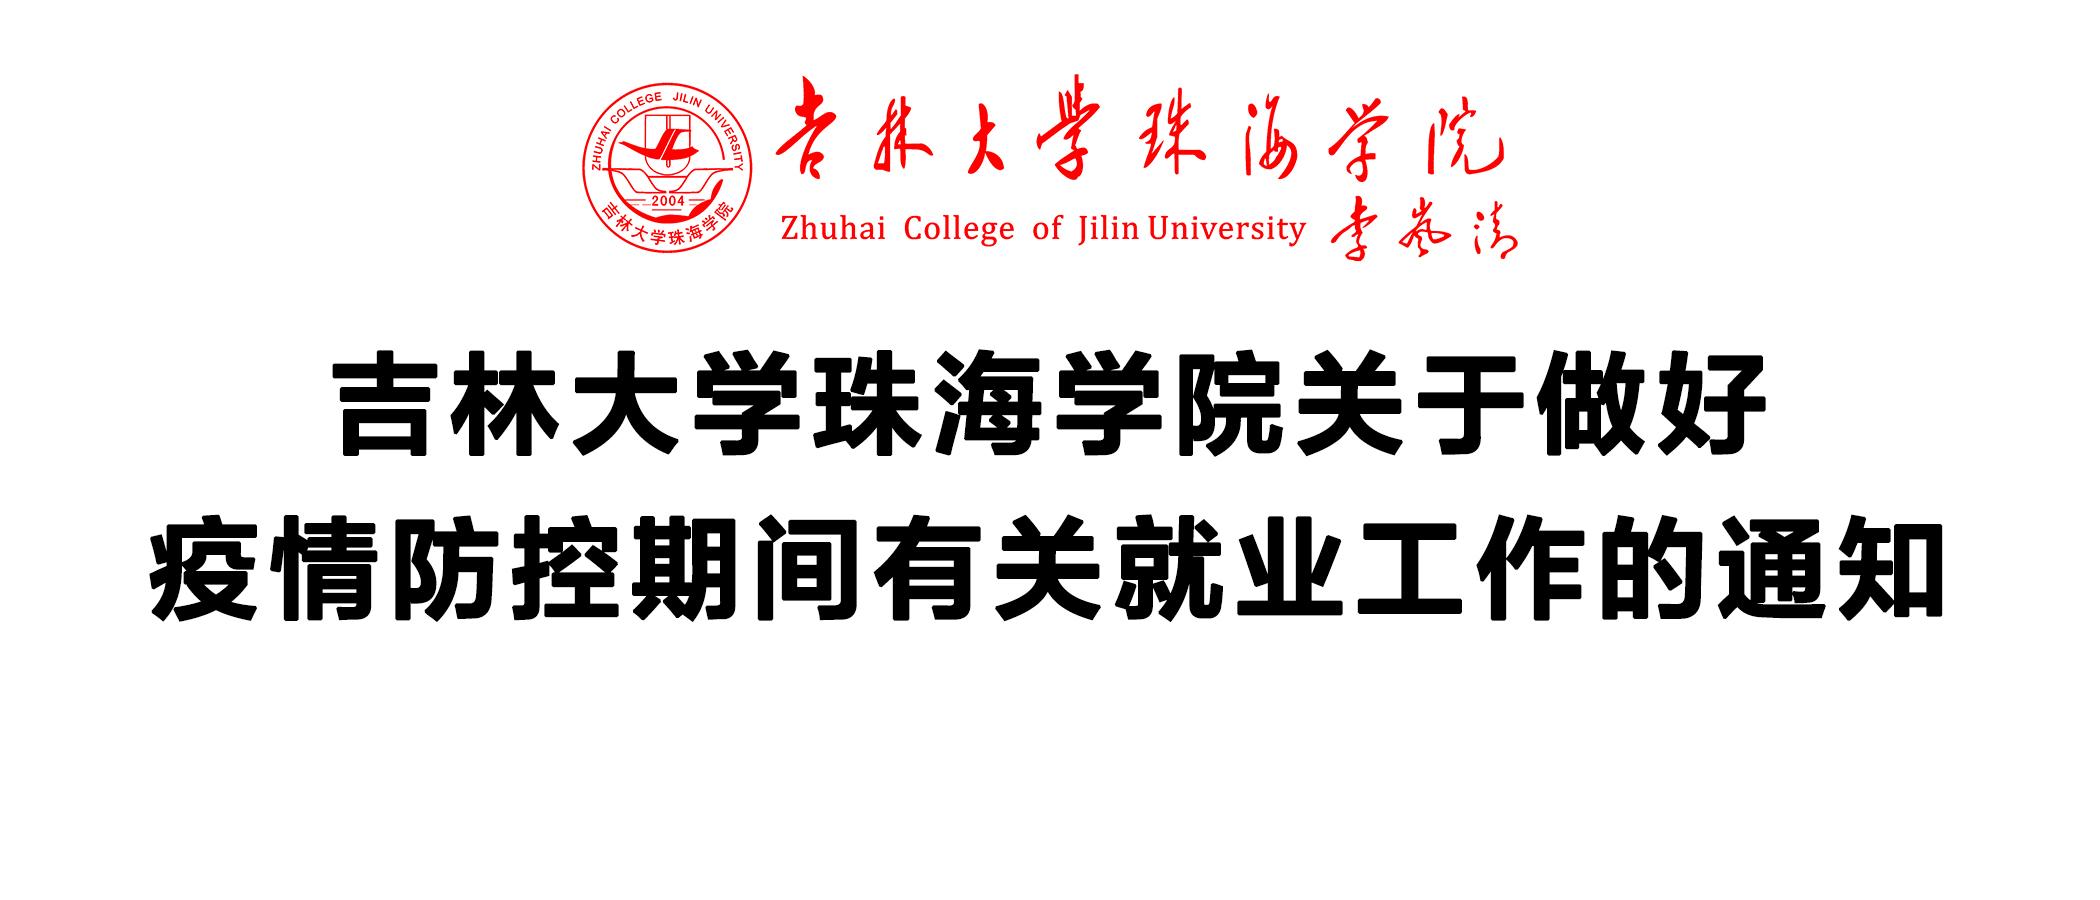 吉林大学珠海学院关于做好疫情防控期间有关就业工作的通知